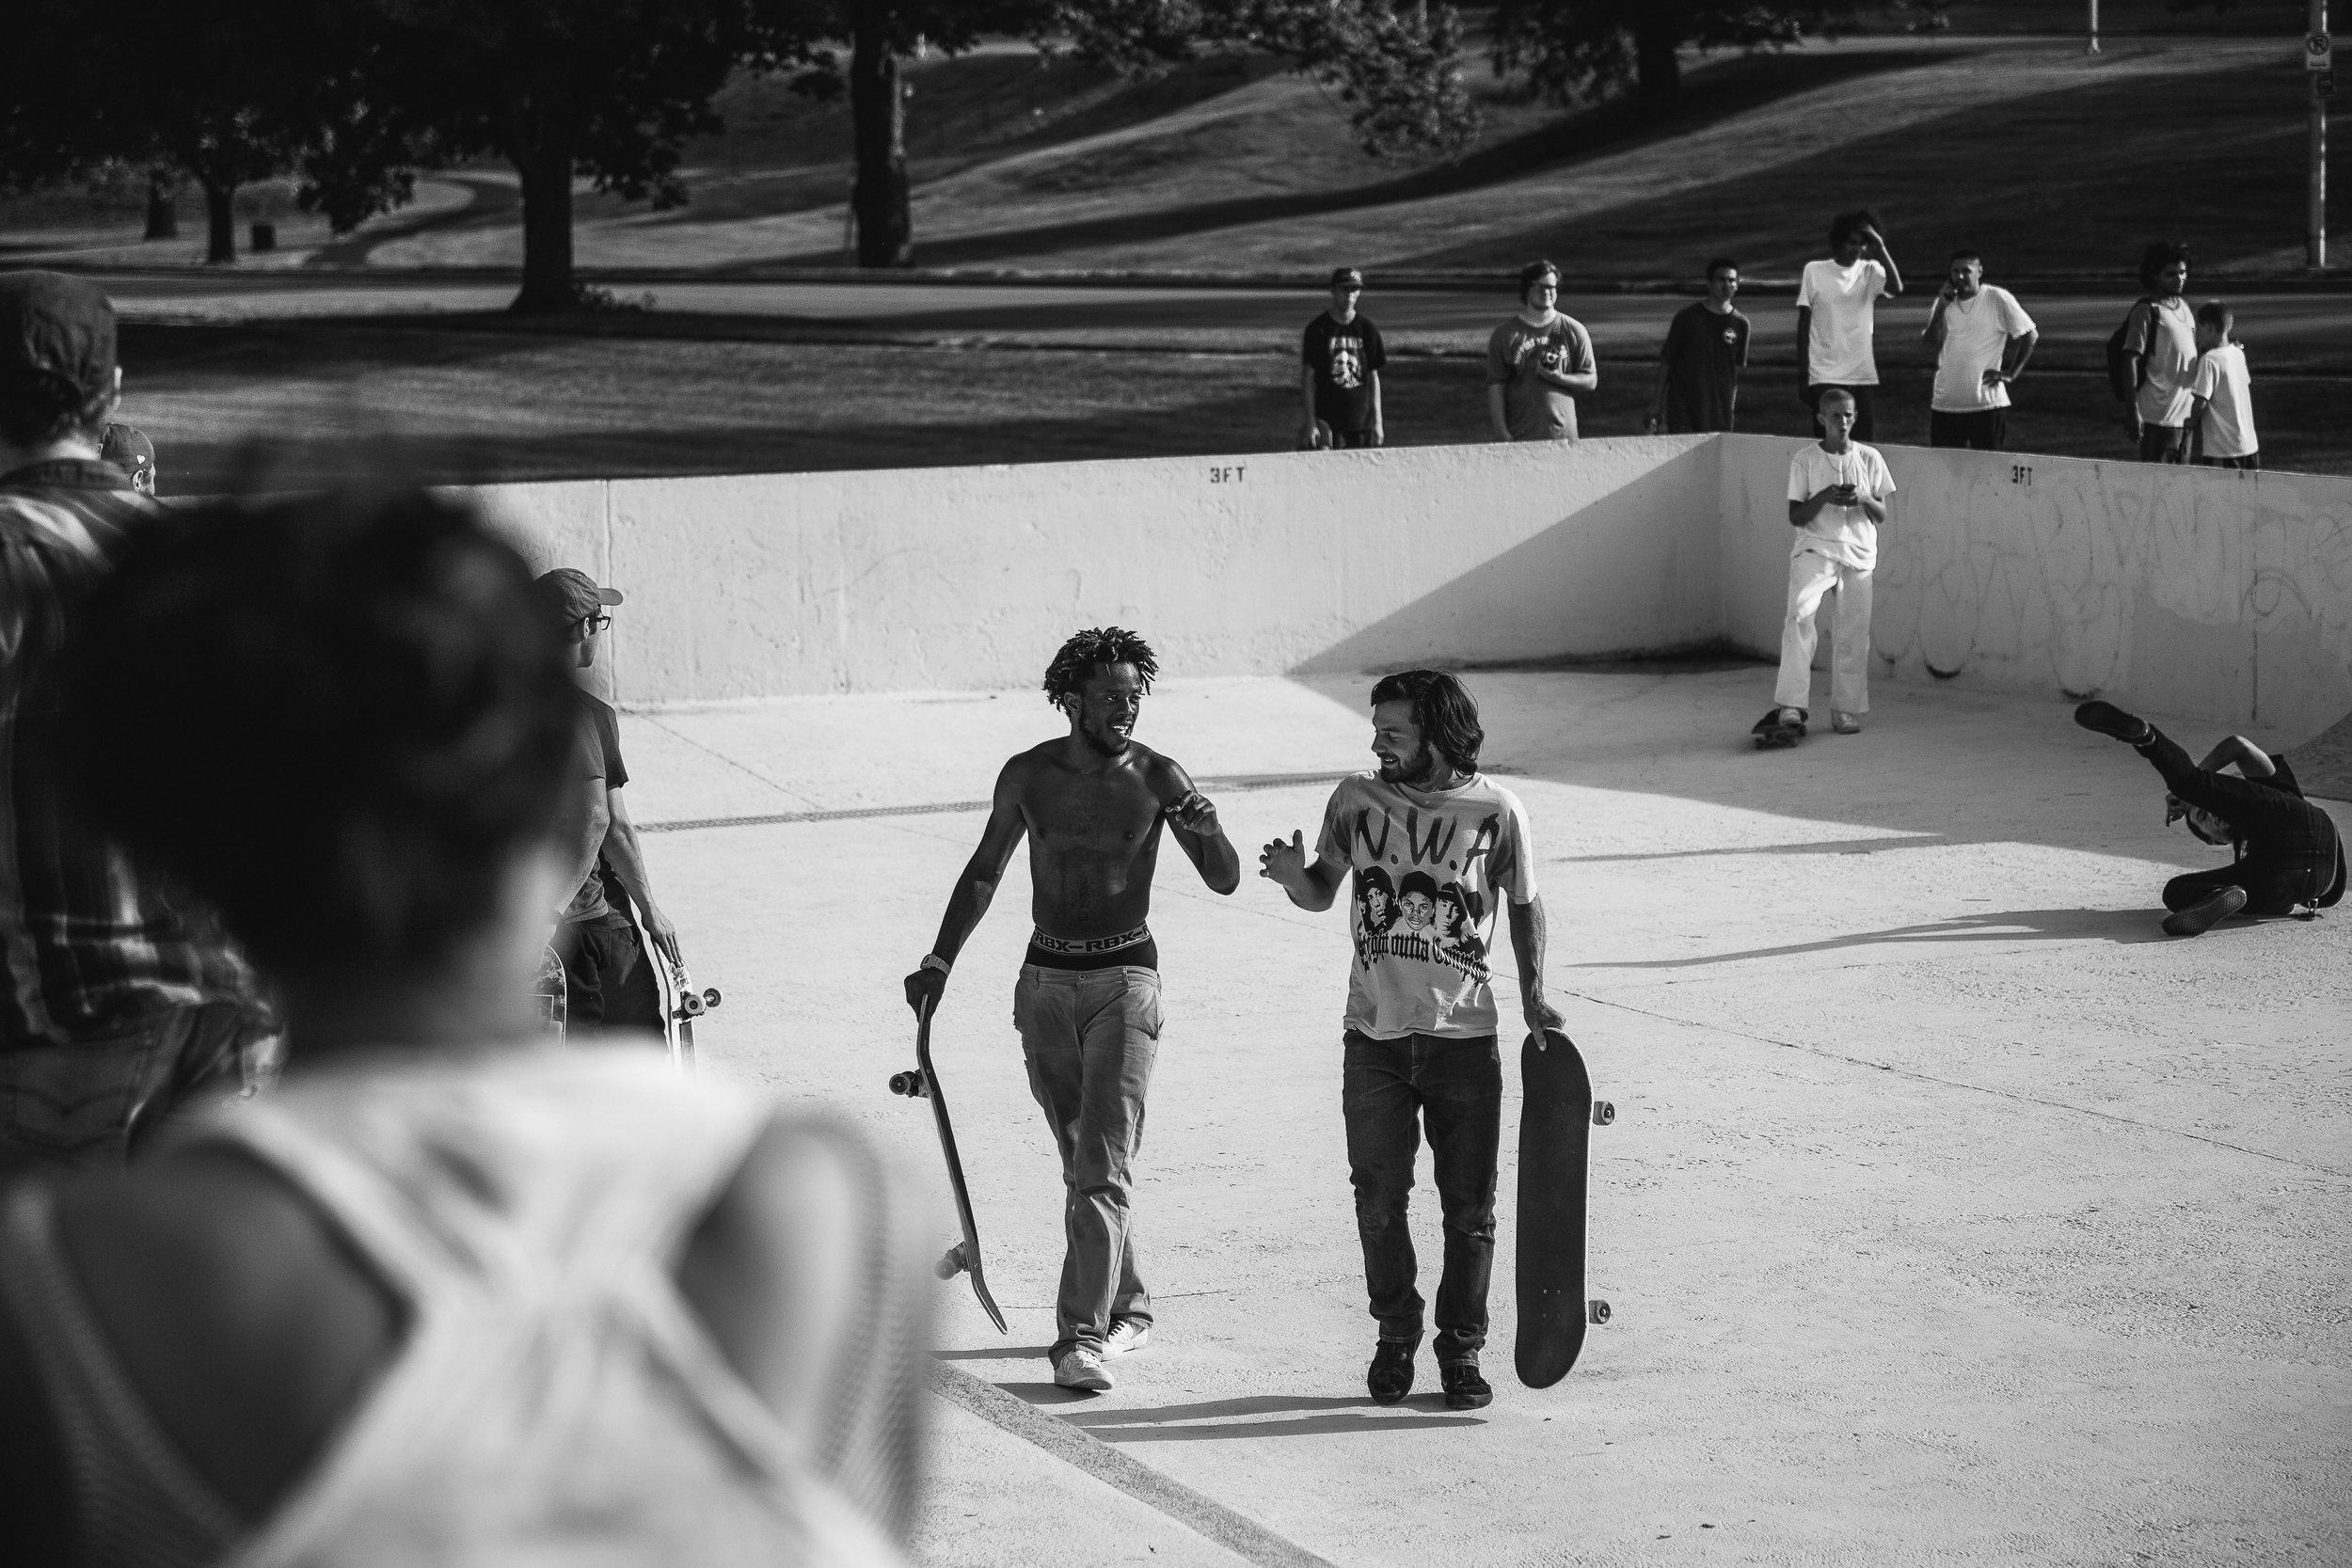 Go Skateboarding Day - June '17 - 9.jpg